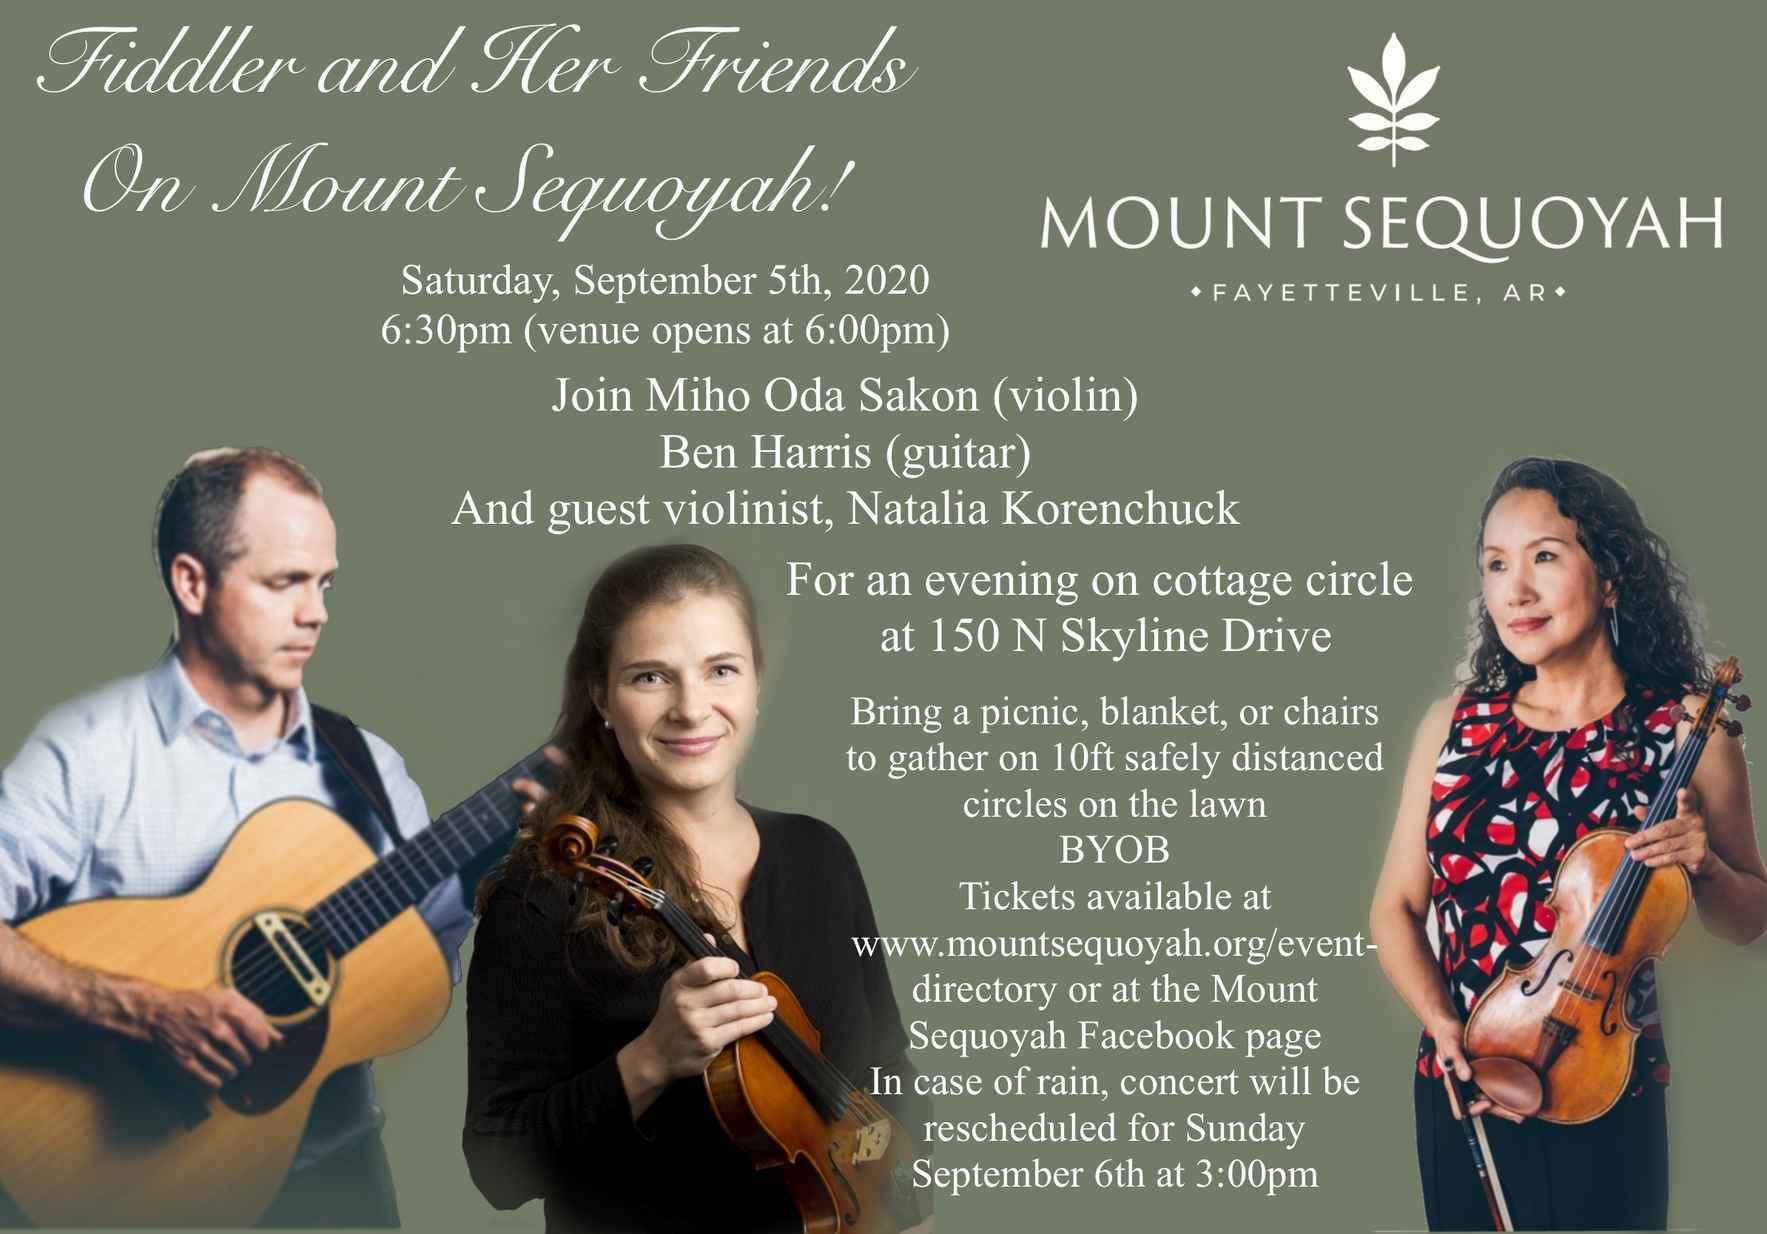 Fiddler and Her Friends on Mount Sequoyah - September 5 image